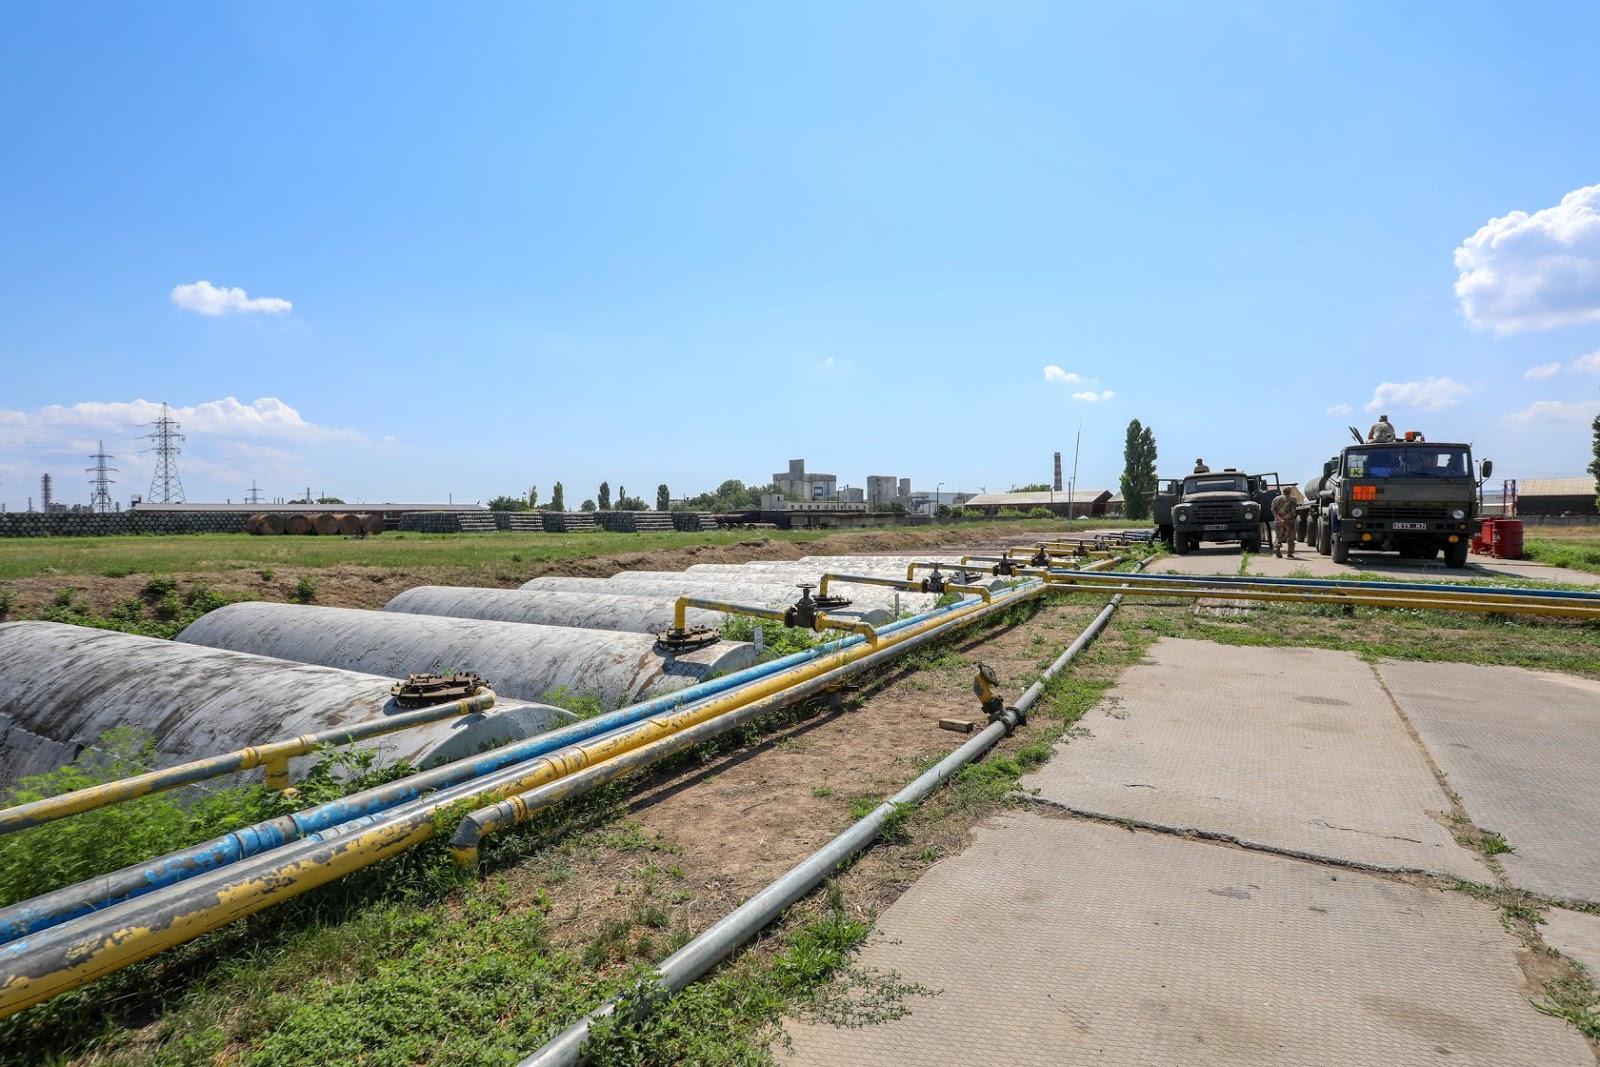 Міністр покарав винних у розкраданні палива